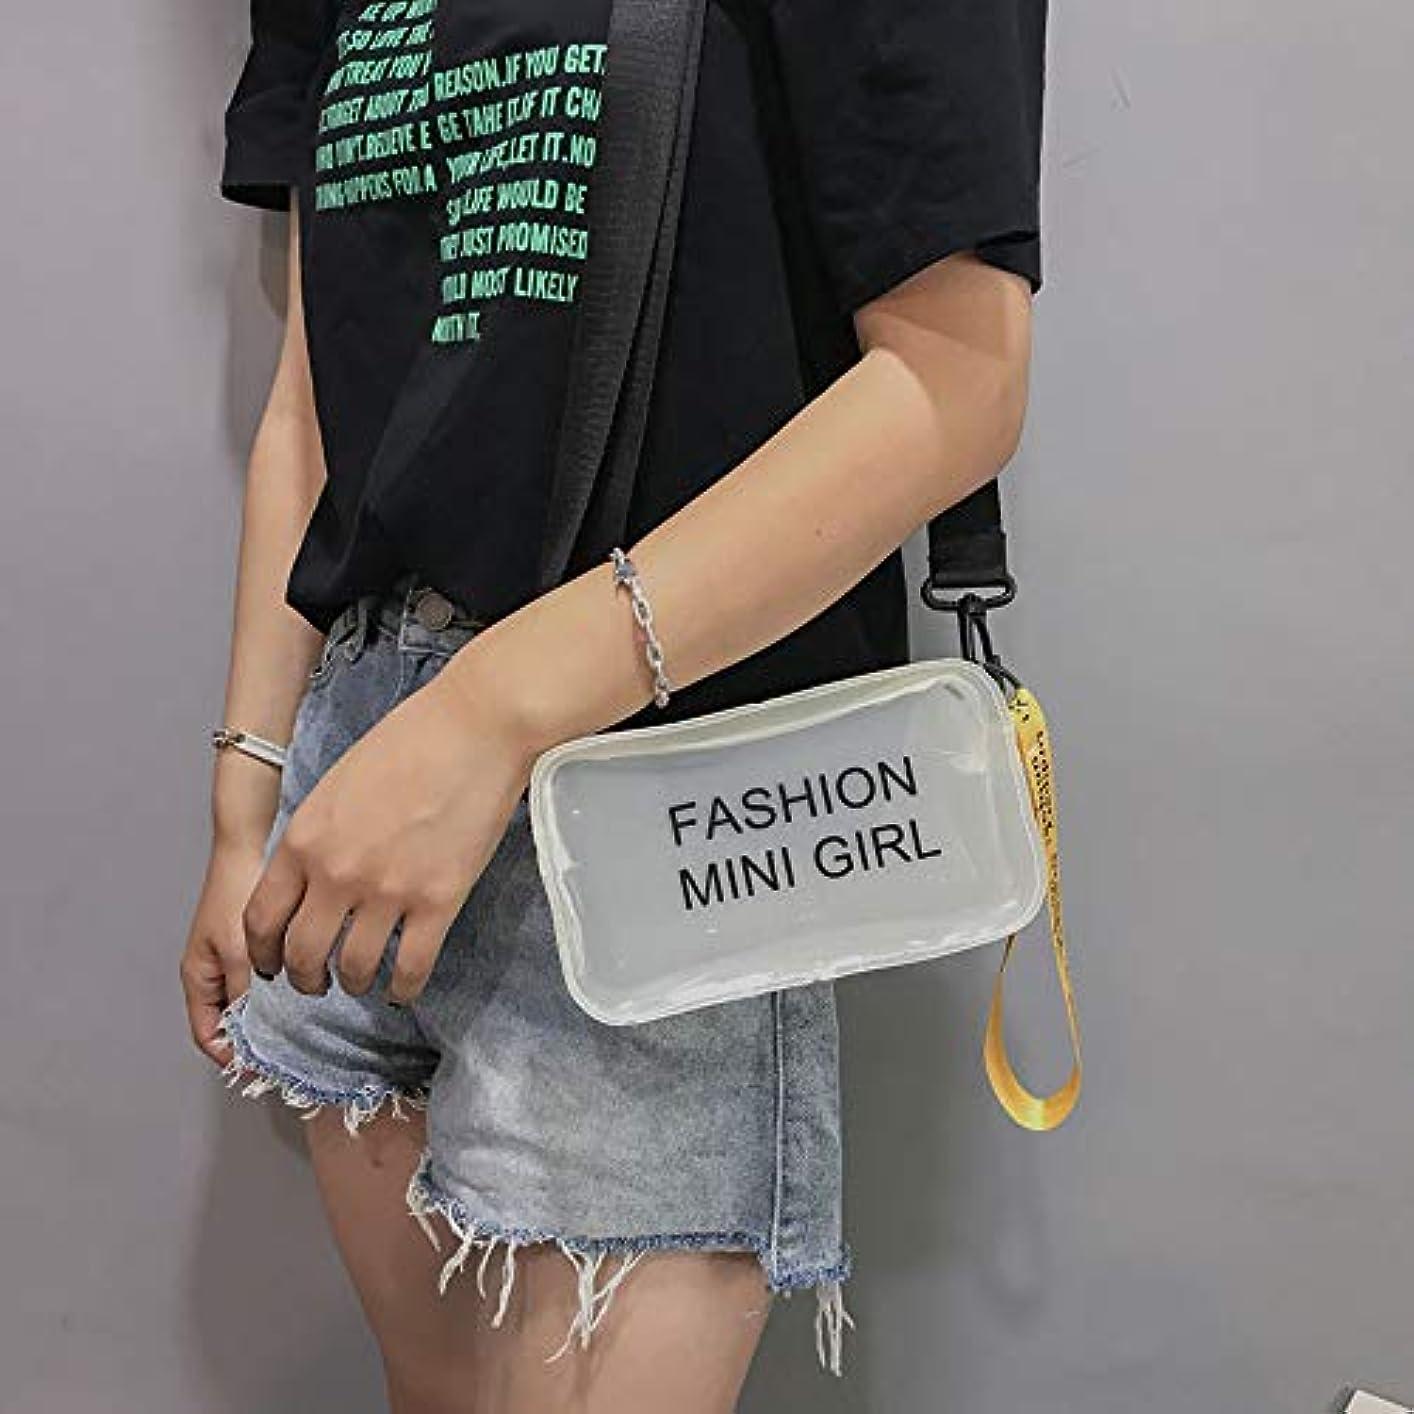 フライカイトバース微視的女性ファッションゼリー手紙ストリートシンプルデザインショルダーバッグメッセンジャーバッグ、ゼリー手紙メッセンジャーバッグハンドバッグ携帯電話バッグ、ファッション汎用メッセンジャーバッグショルダーバッグハンドバッグ (白)